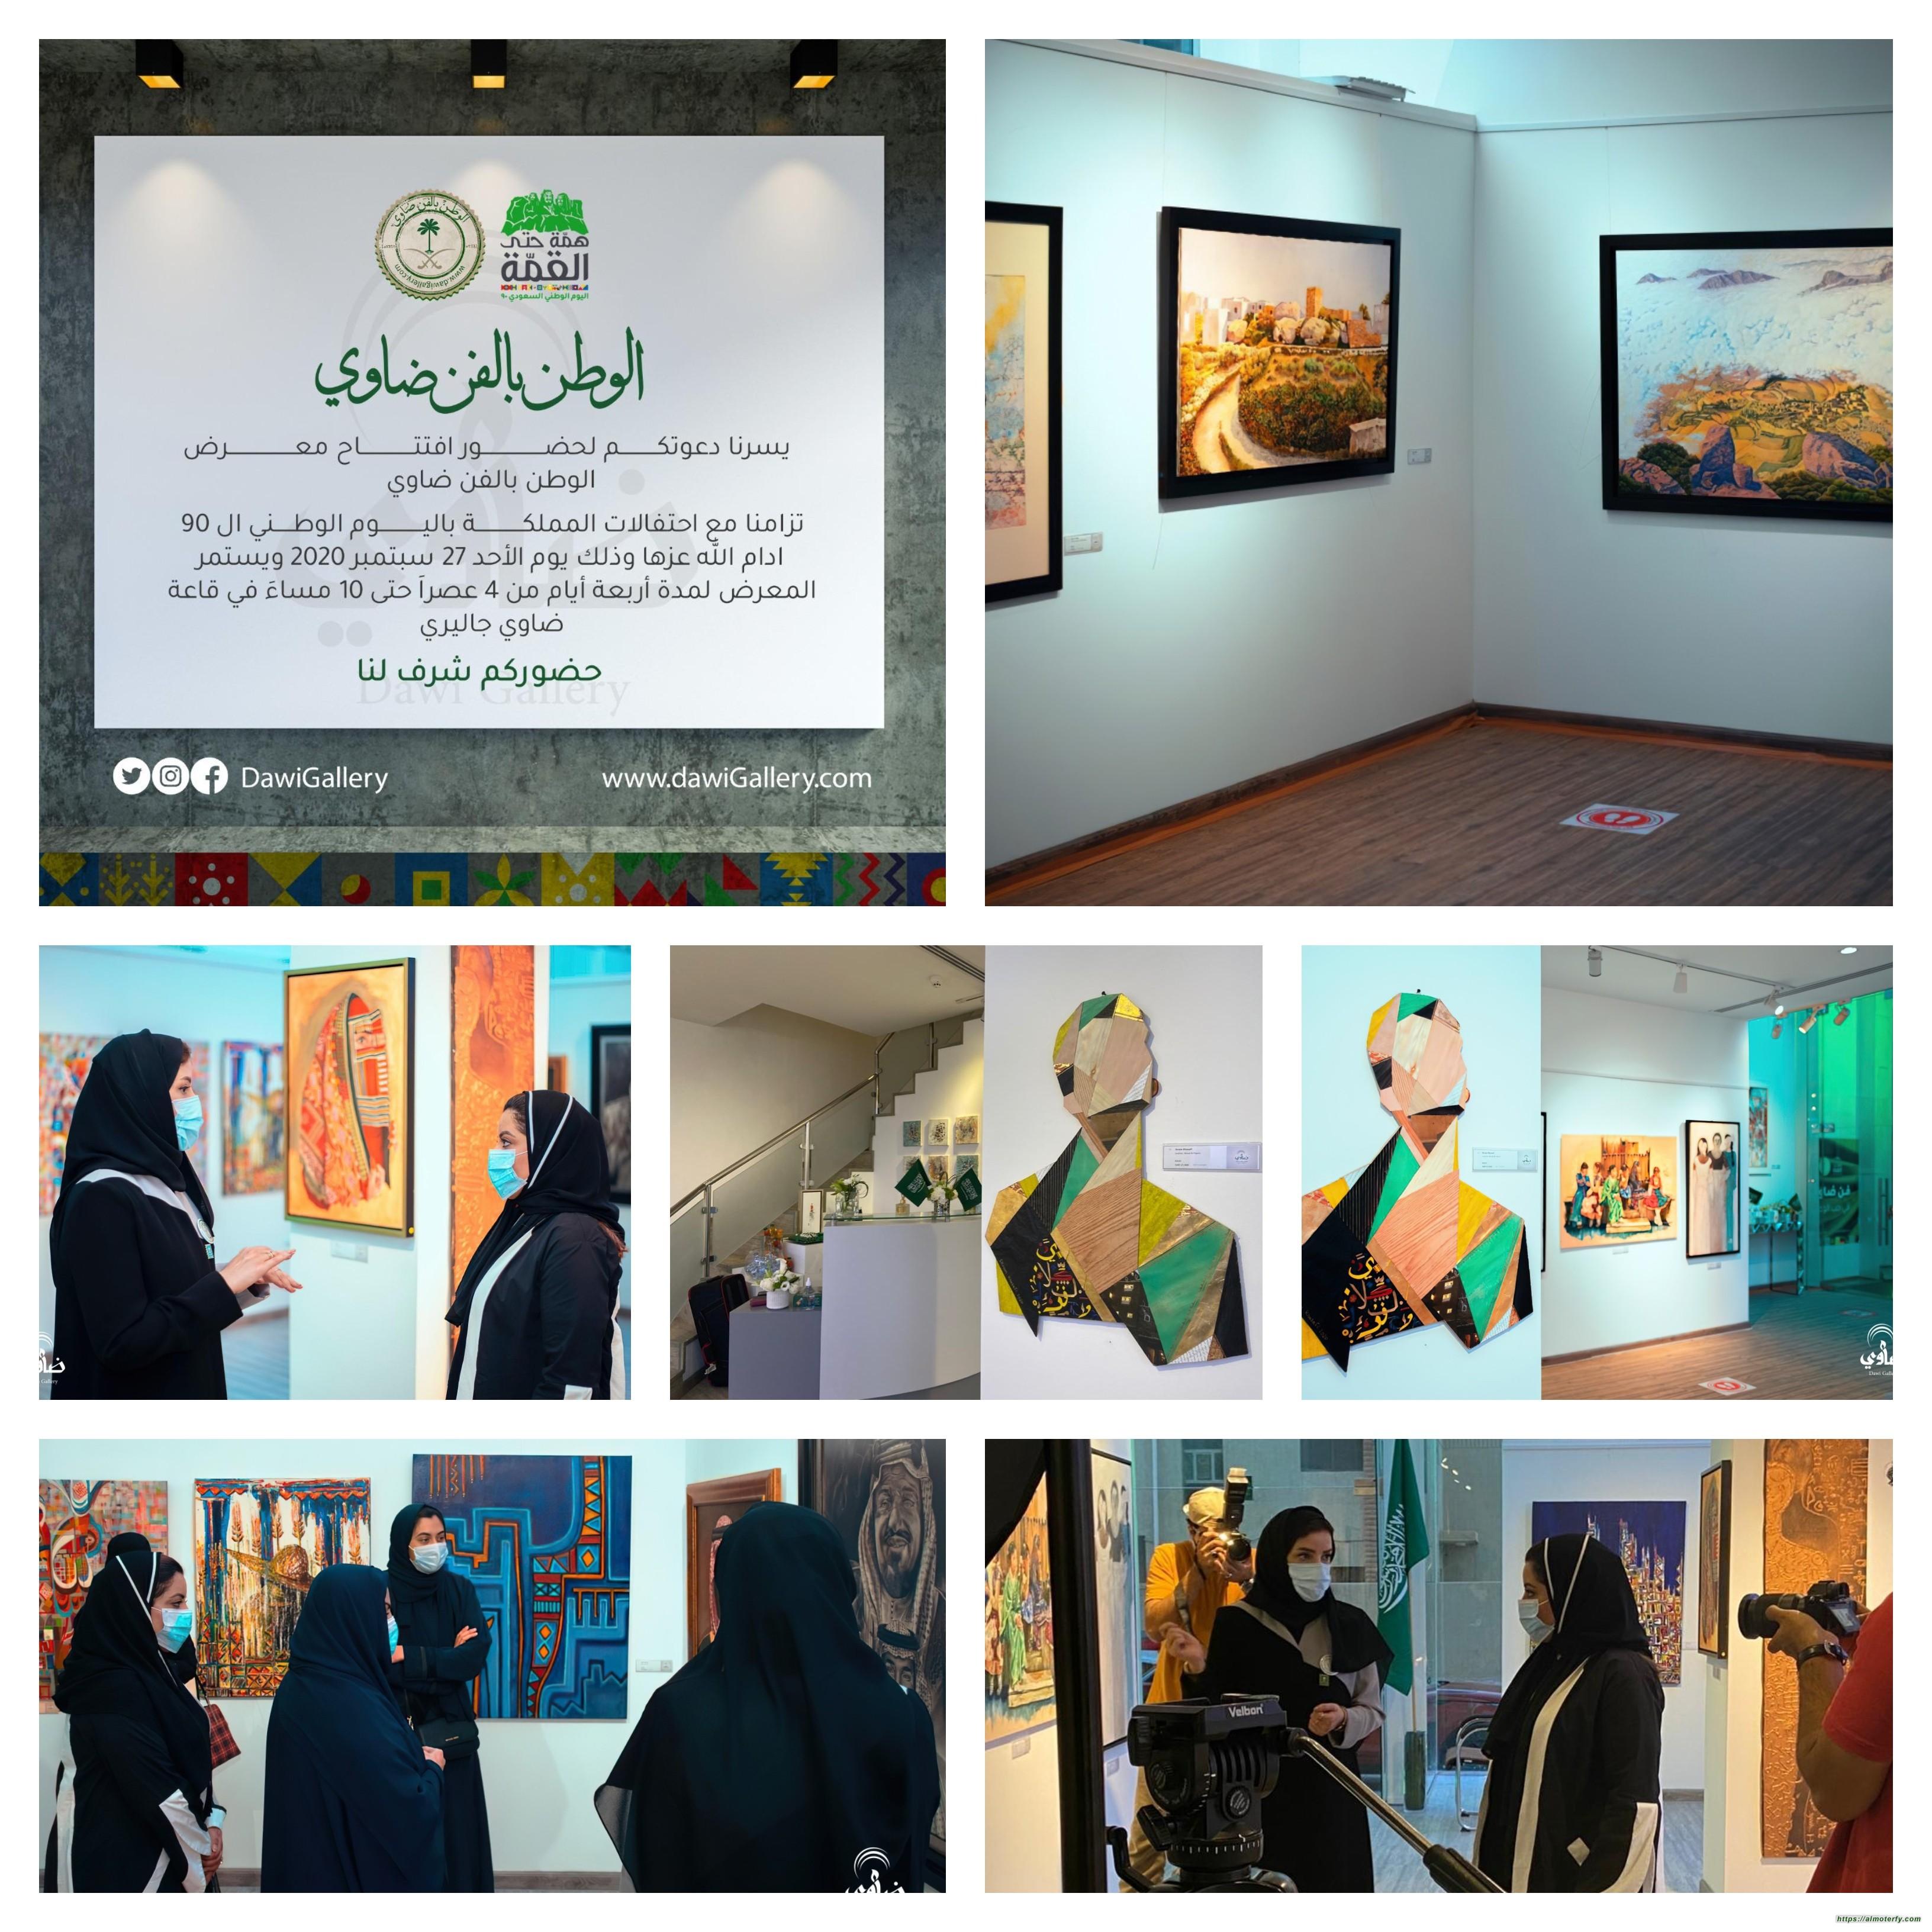 افتتاح معرض الوطن بالفن ضاوي بمشاركة 18 فنان وفنانه من مناطق المملكة